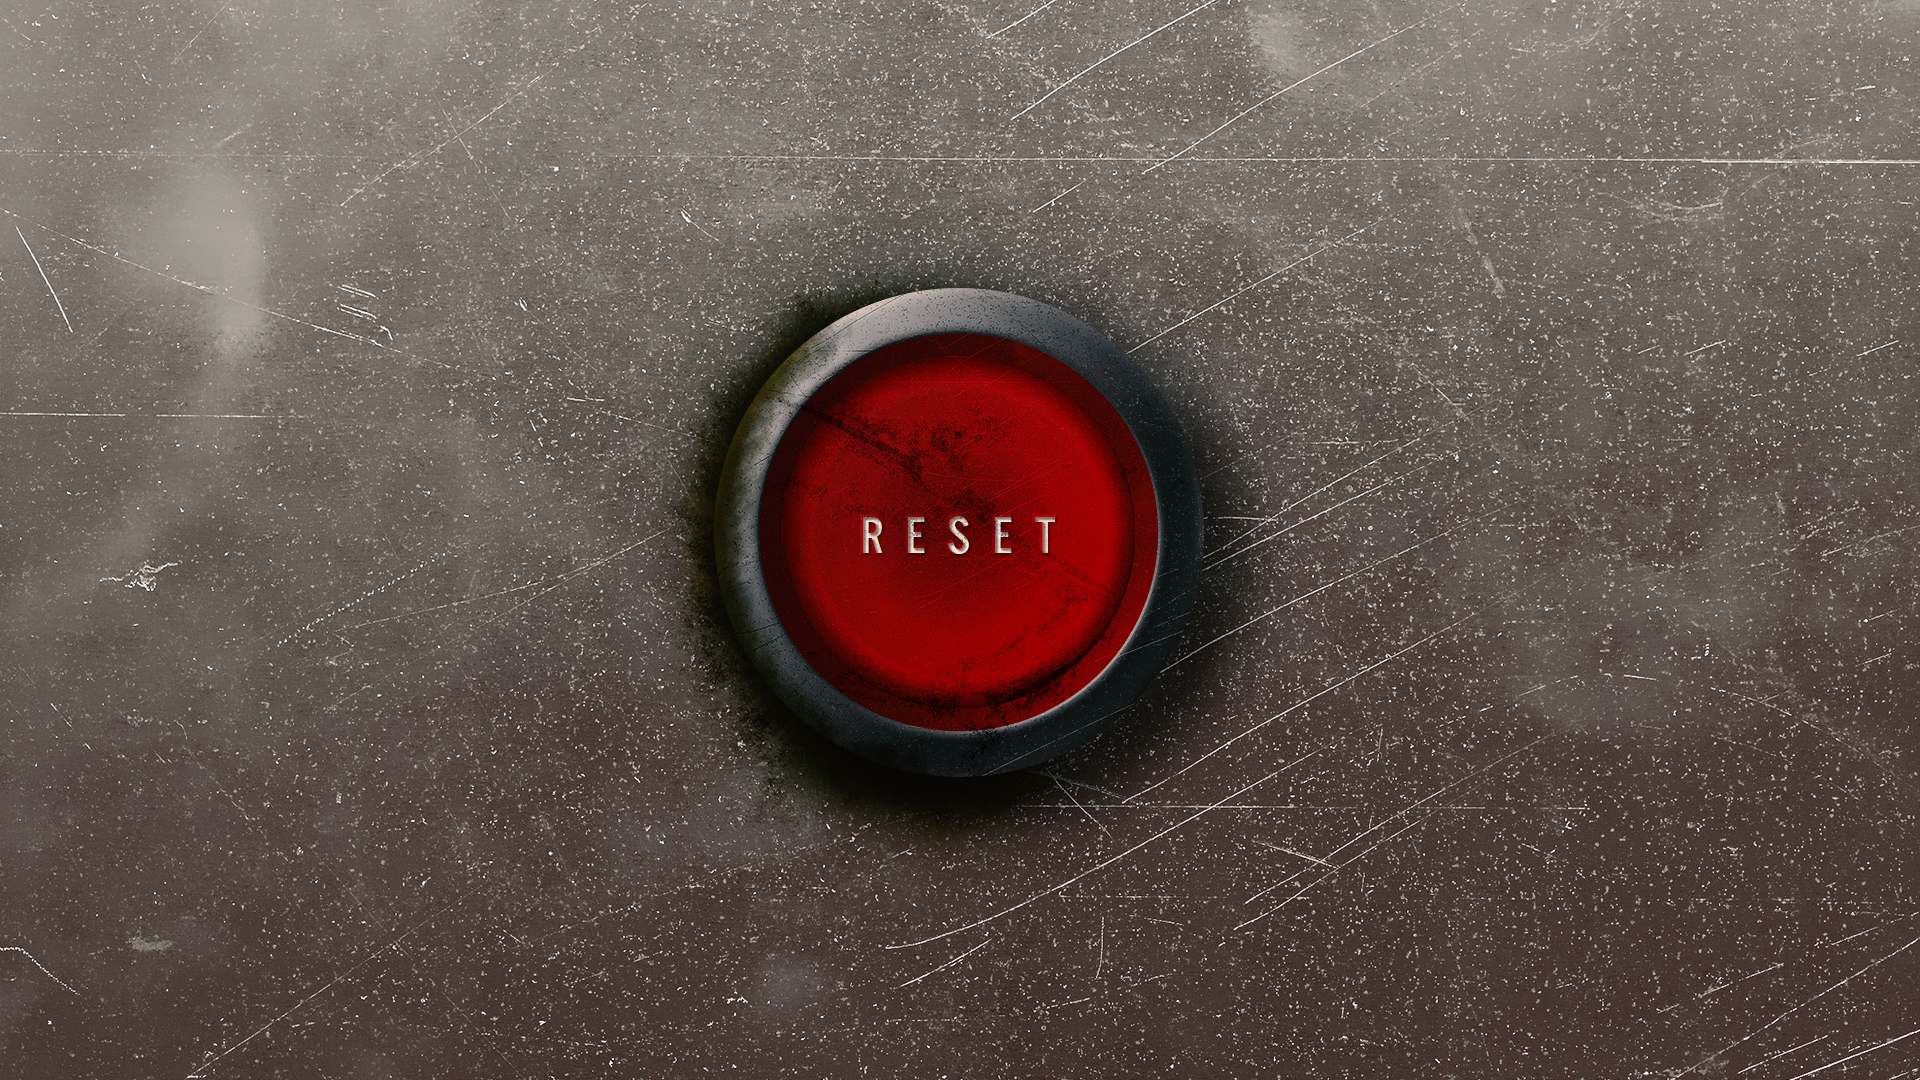 Reset slide